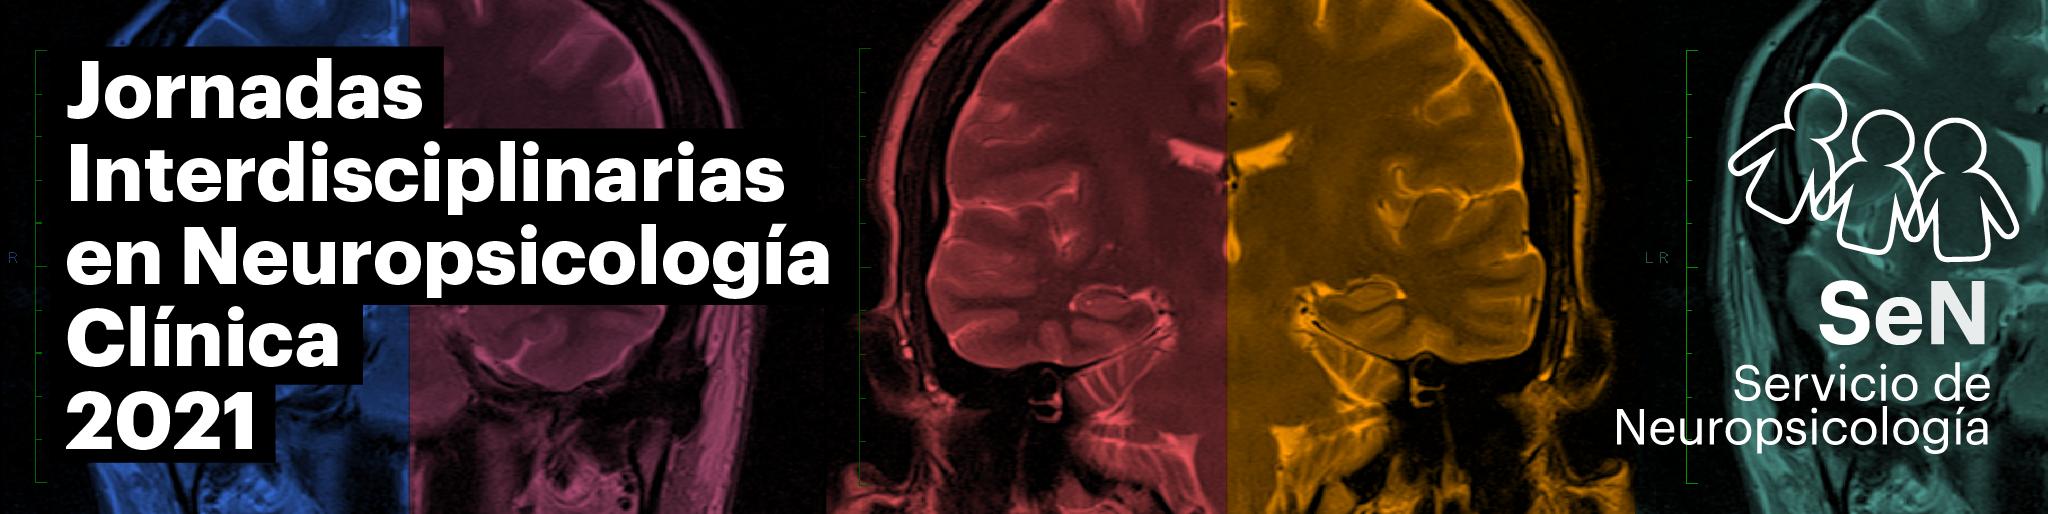 Banner de las Jornadas Interdisciplinarias de Neuropsicología Clínica